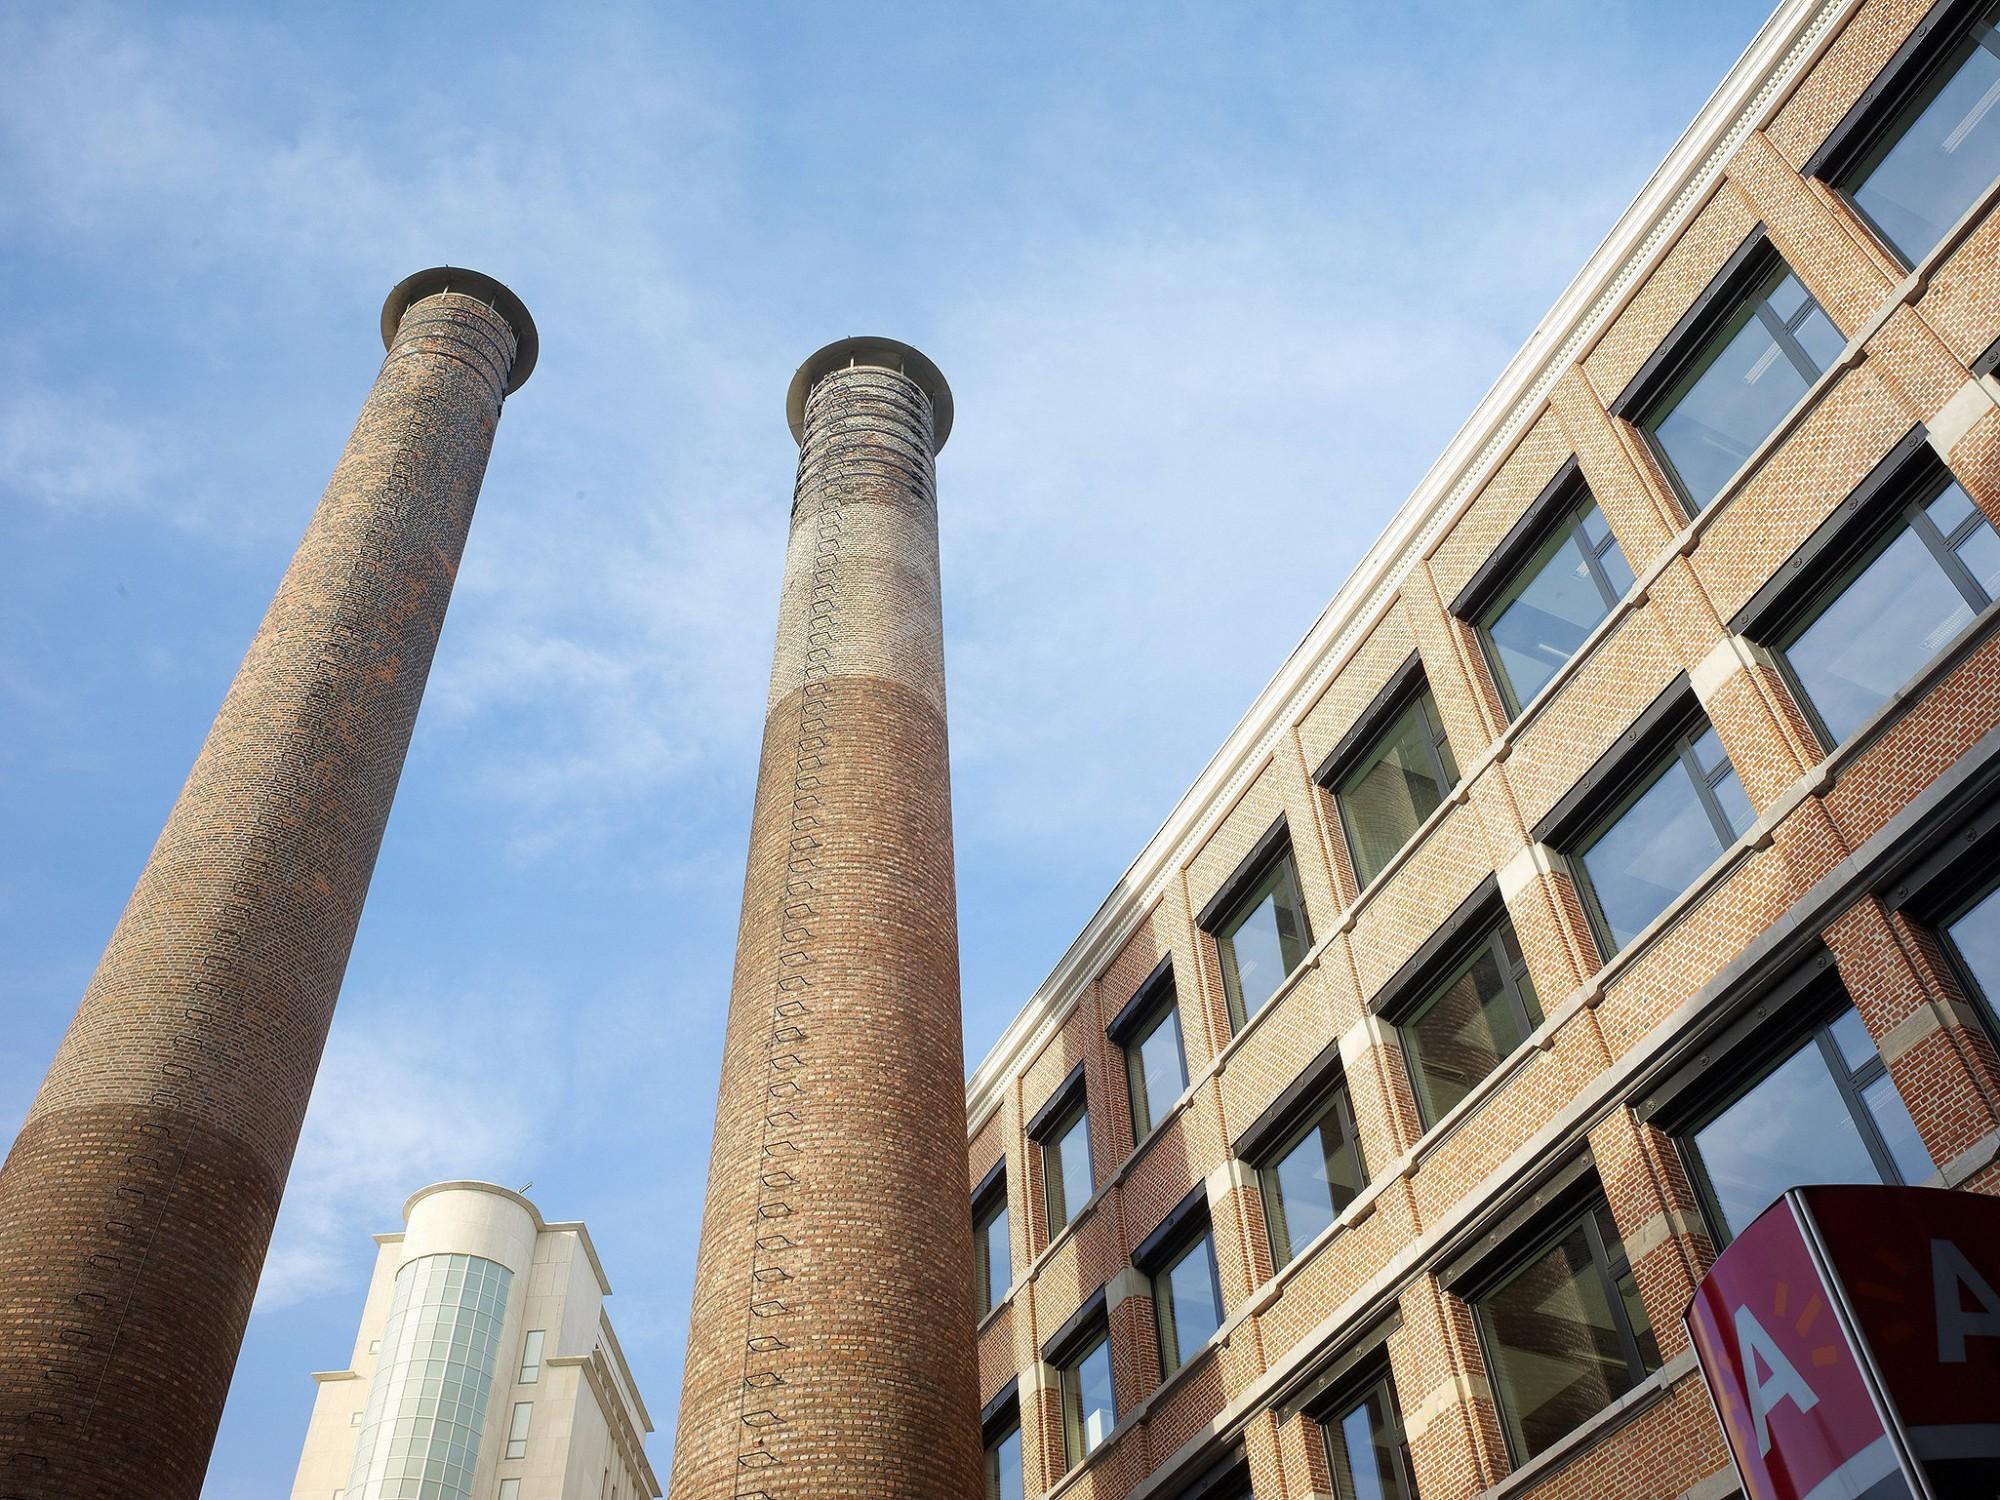 Afbeelding: Architectuur fotografie, renovatie kantoorgebouw voor stad Antwerpen, voor groep Van Roey.